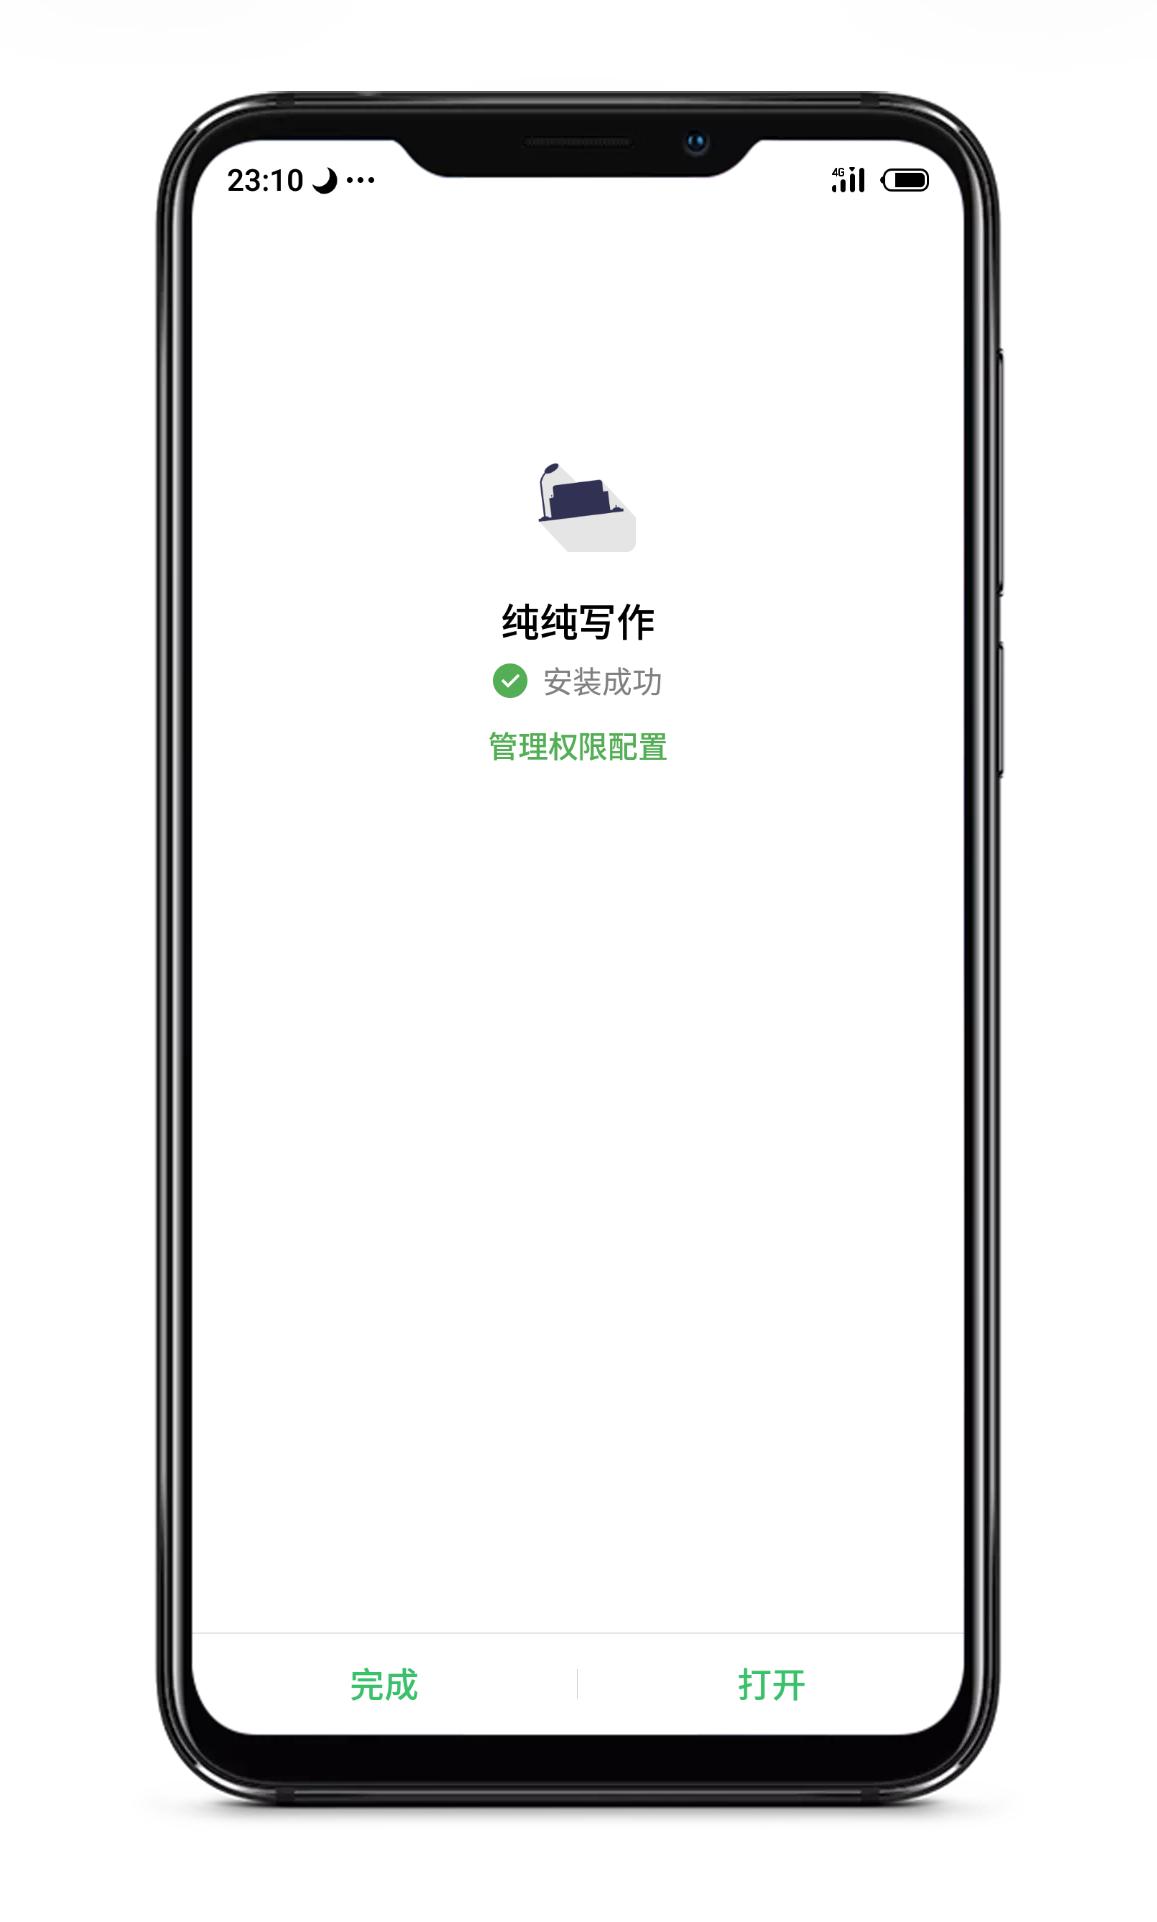 【分享】纯纯写作v13.9.1